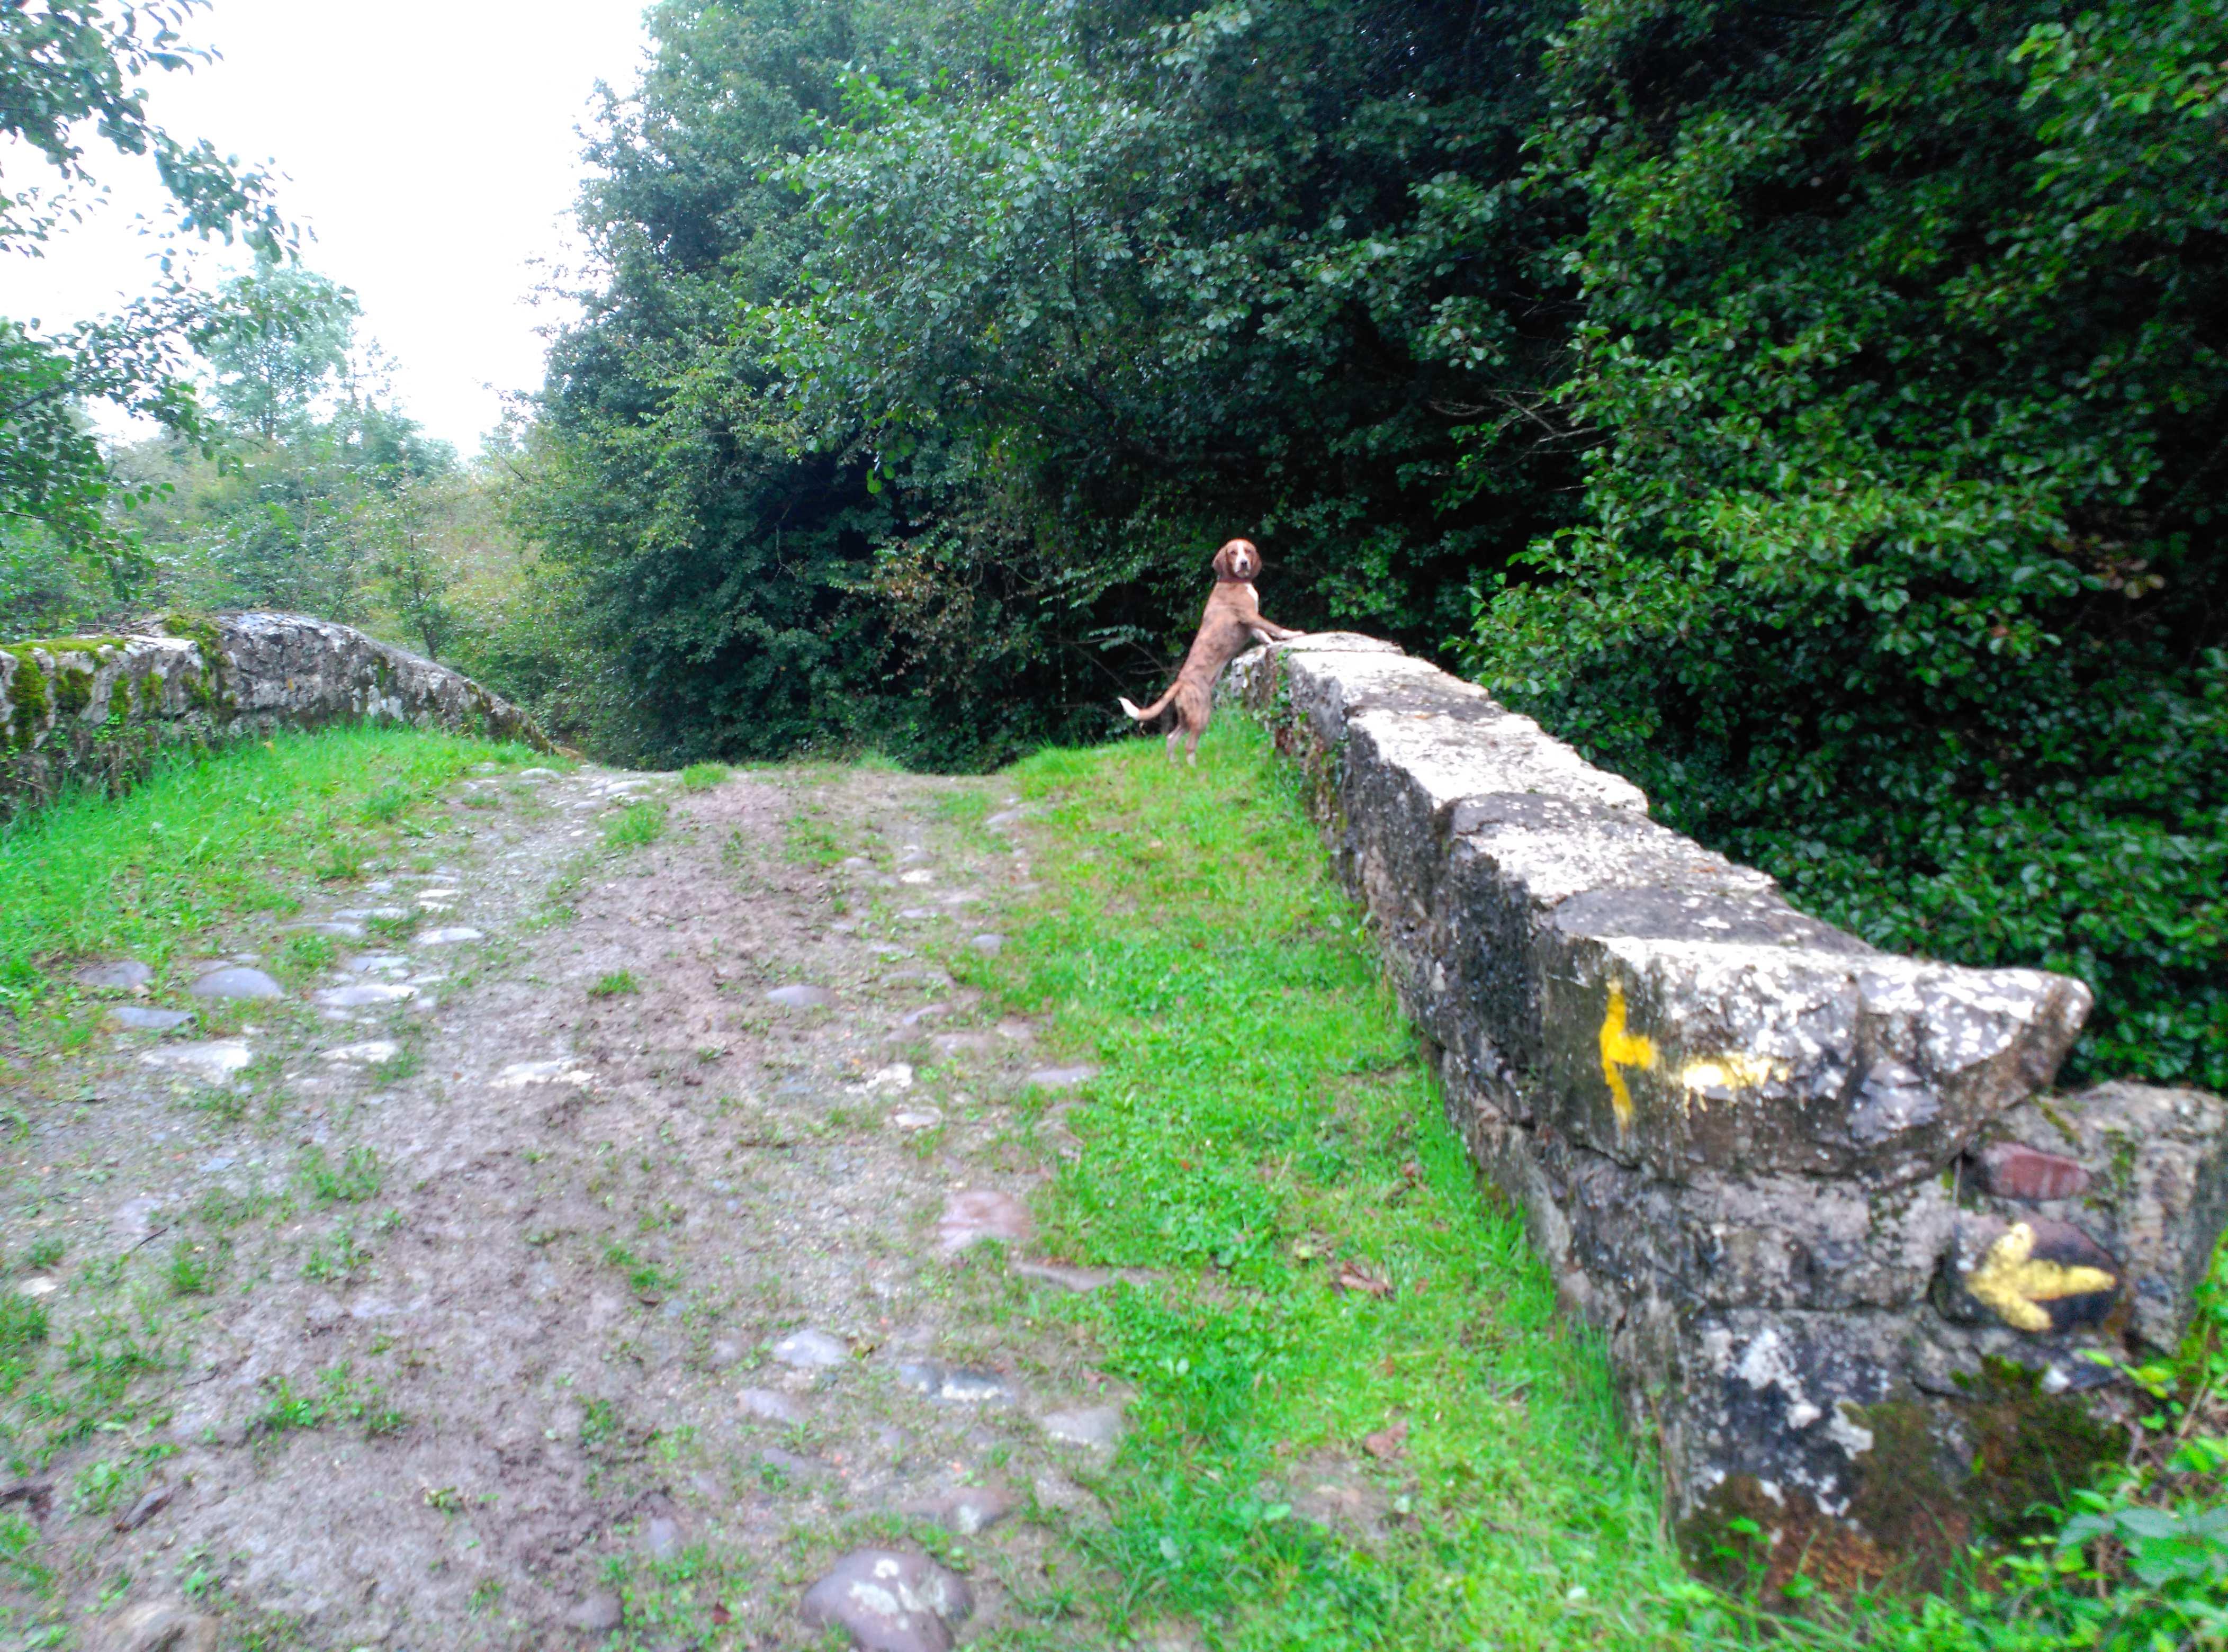 Camino con perros: Última etapa Lola curioseando